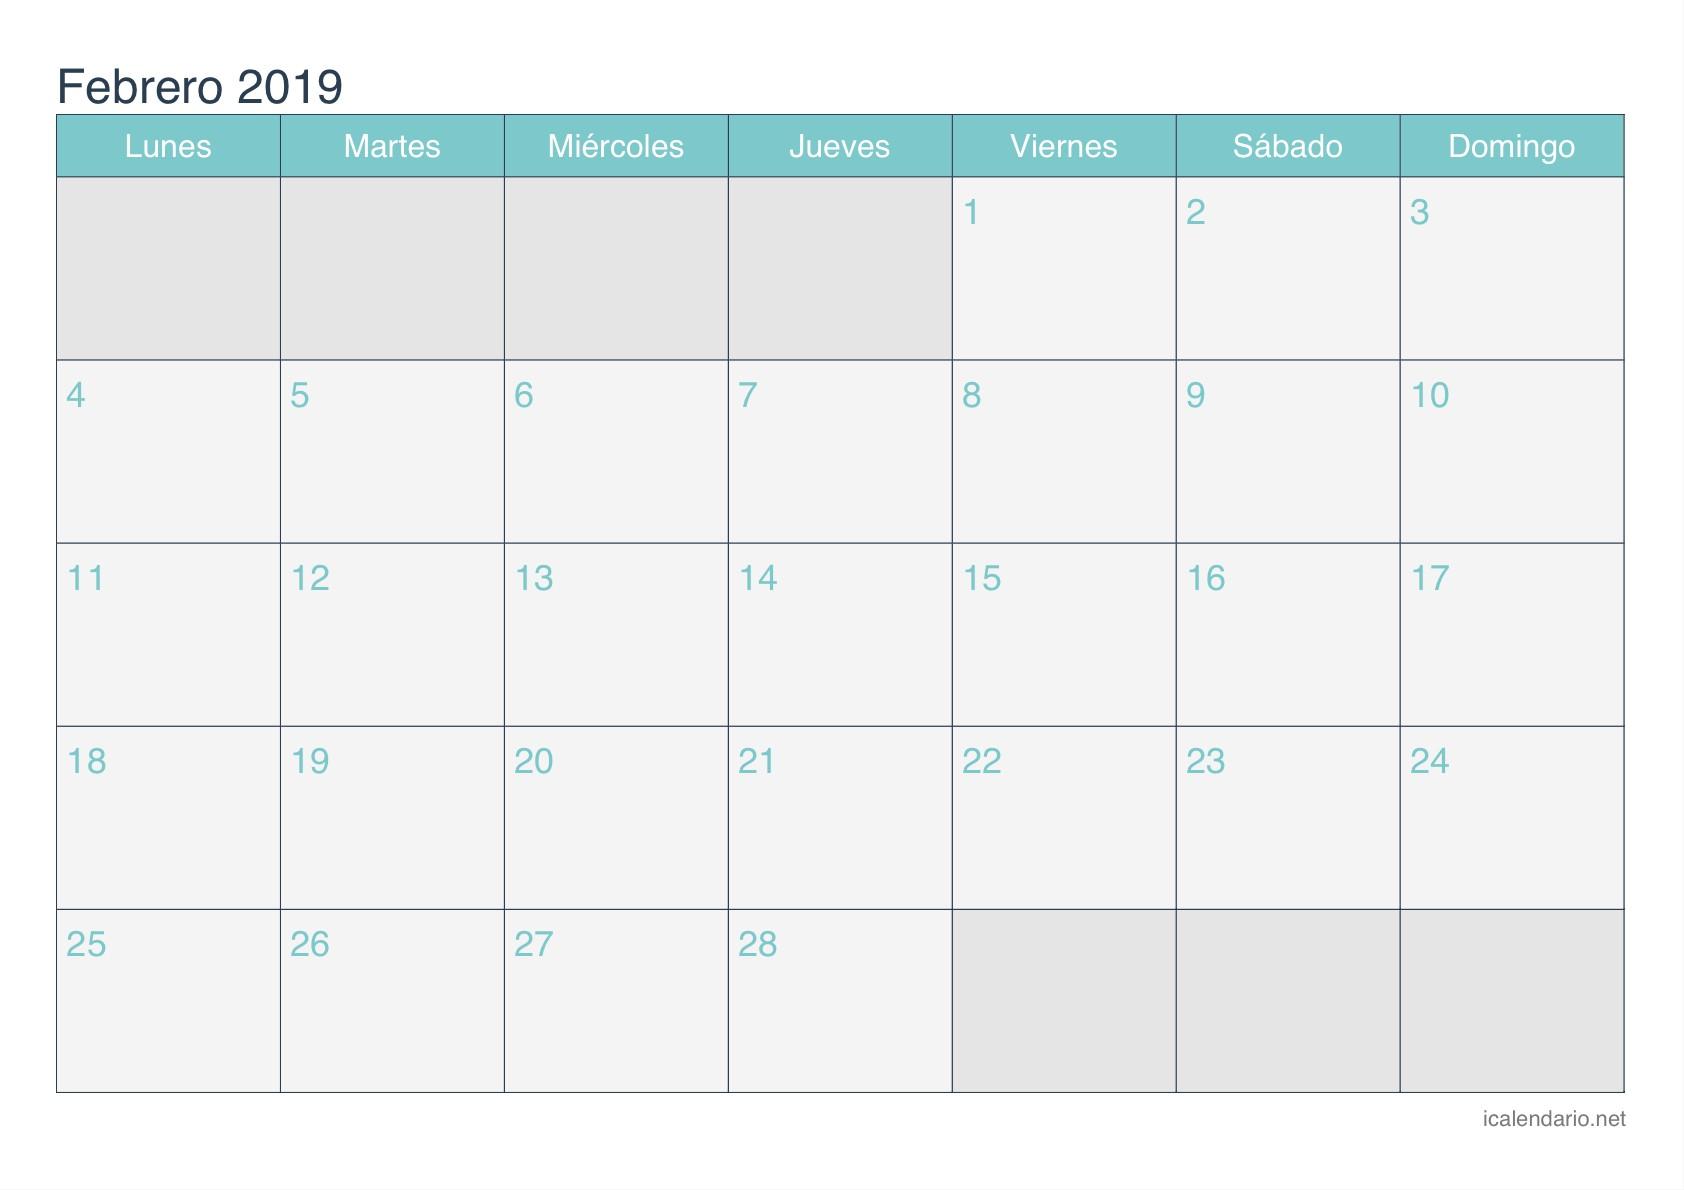 Calendario de febrero 2019 turquesa Calendario de febrero 2019 turquesa